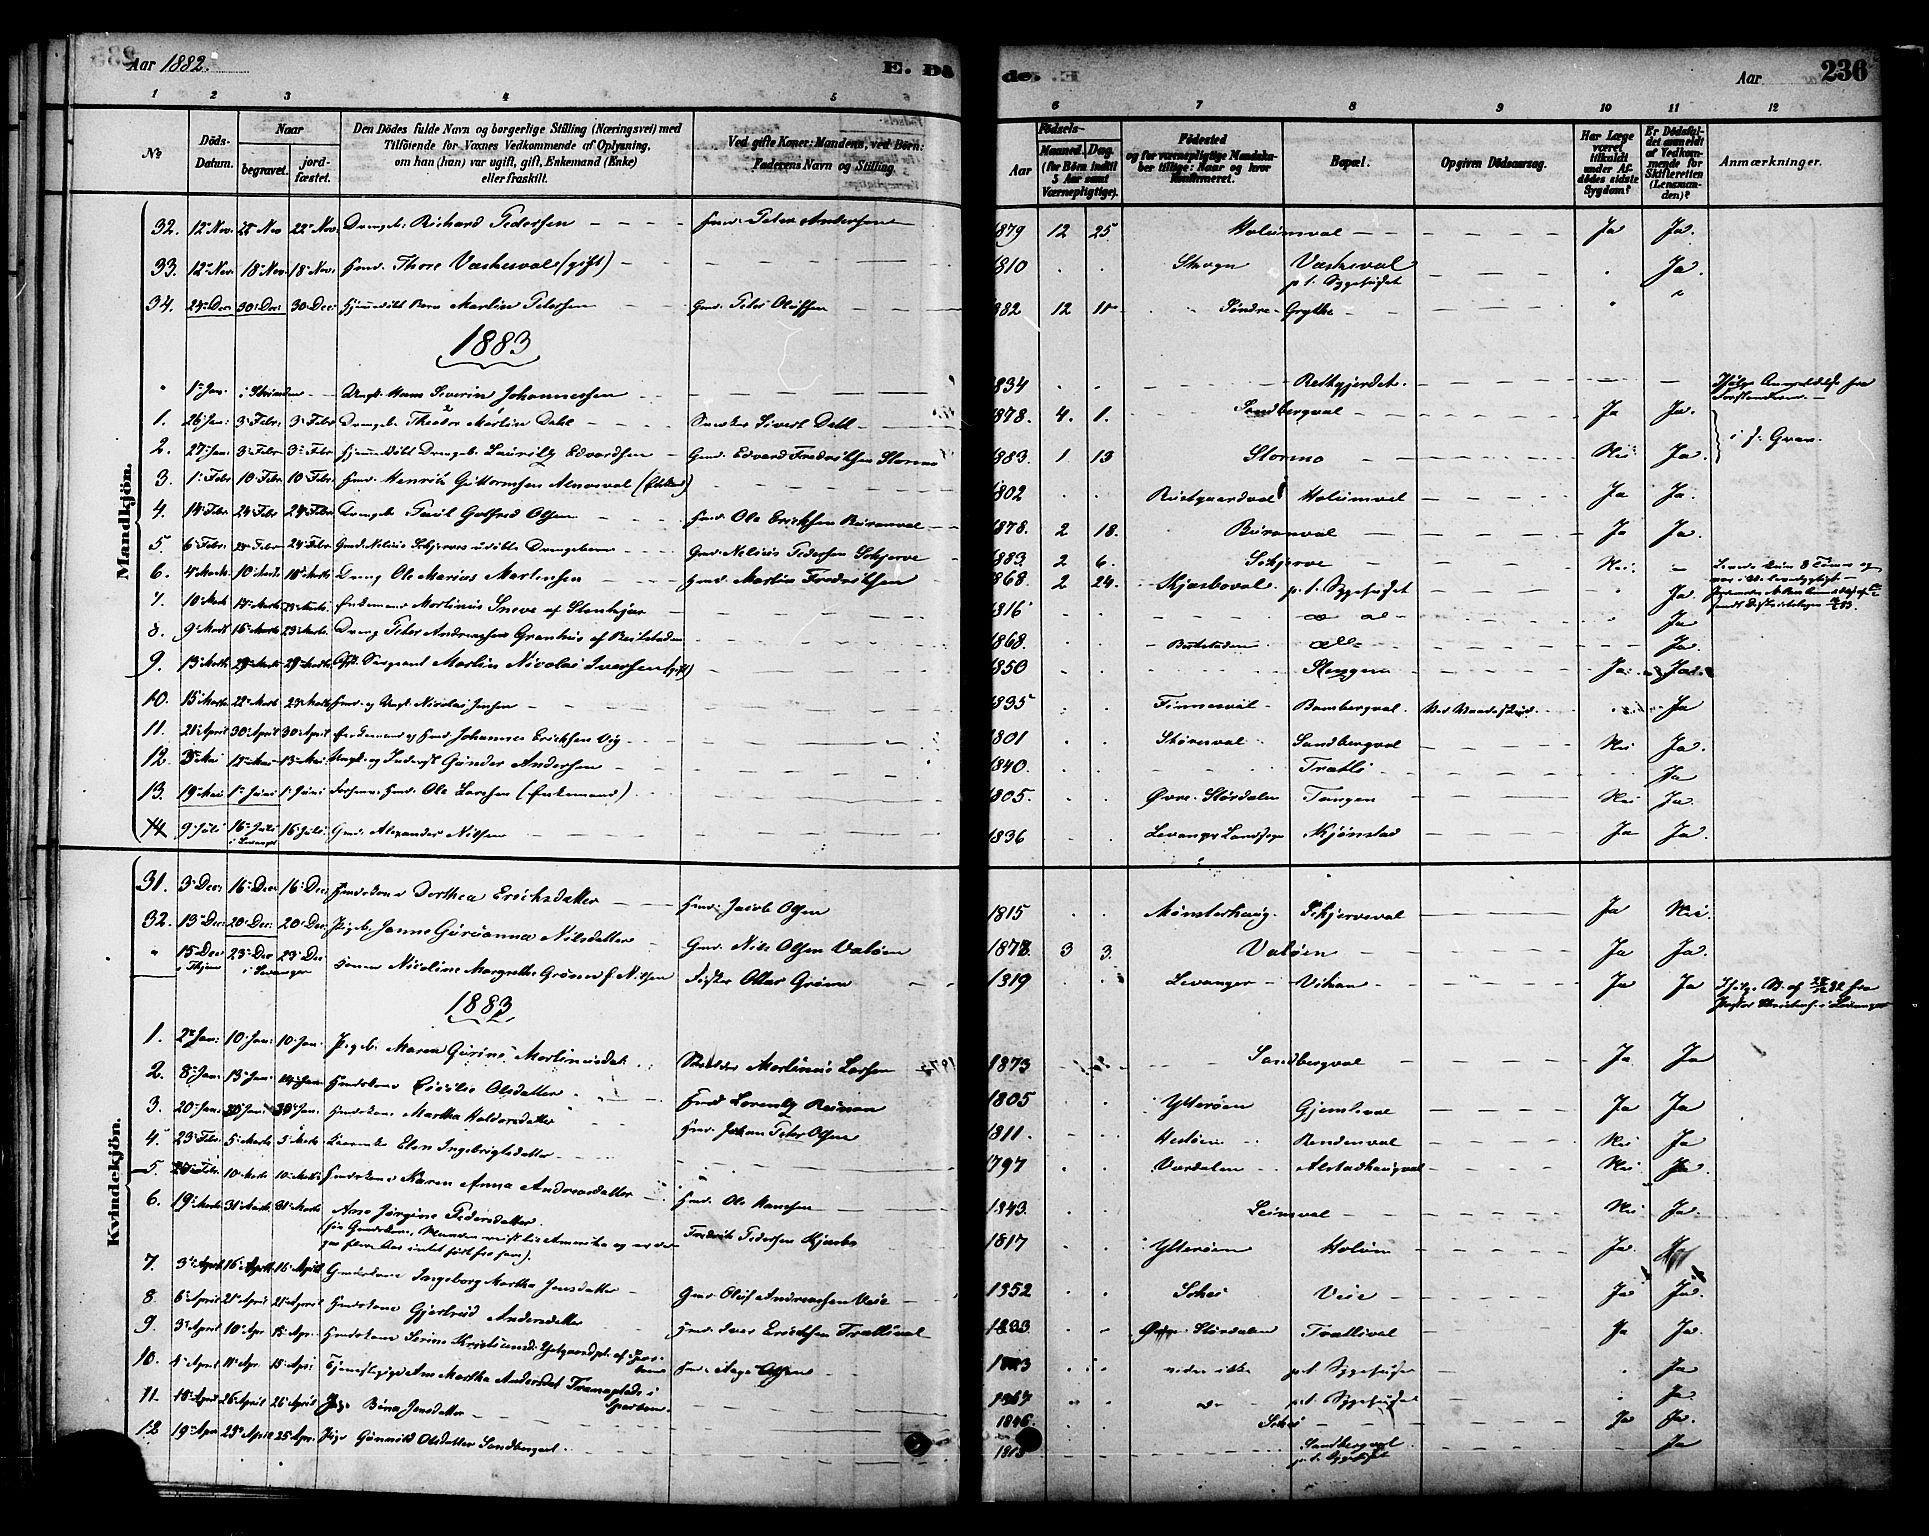 SAT, Ministerialprotokoller, klokkerbøker og fødselsregistre - Nord-Trøndelag, 717/L0159: Ministerialbok nr. 717A09, 1878-1898, s. 236